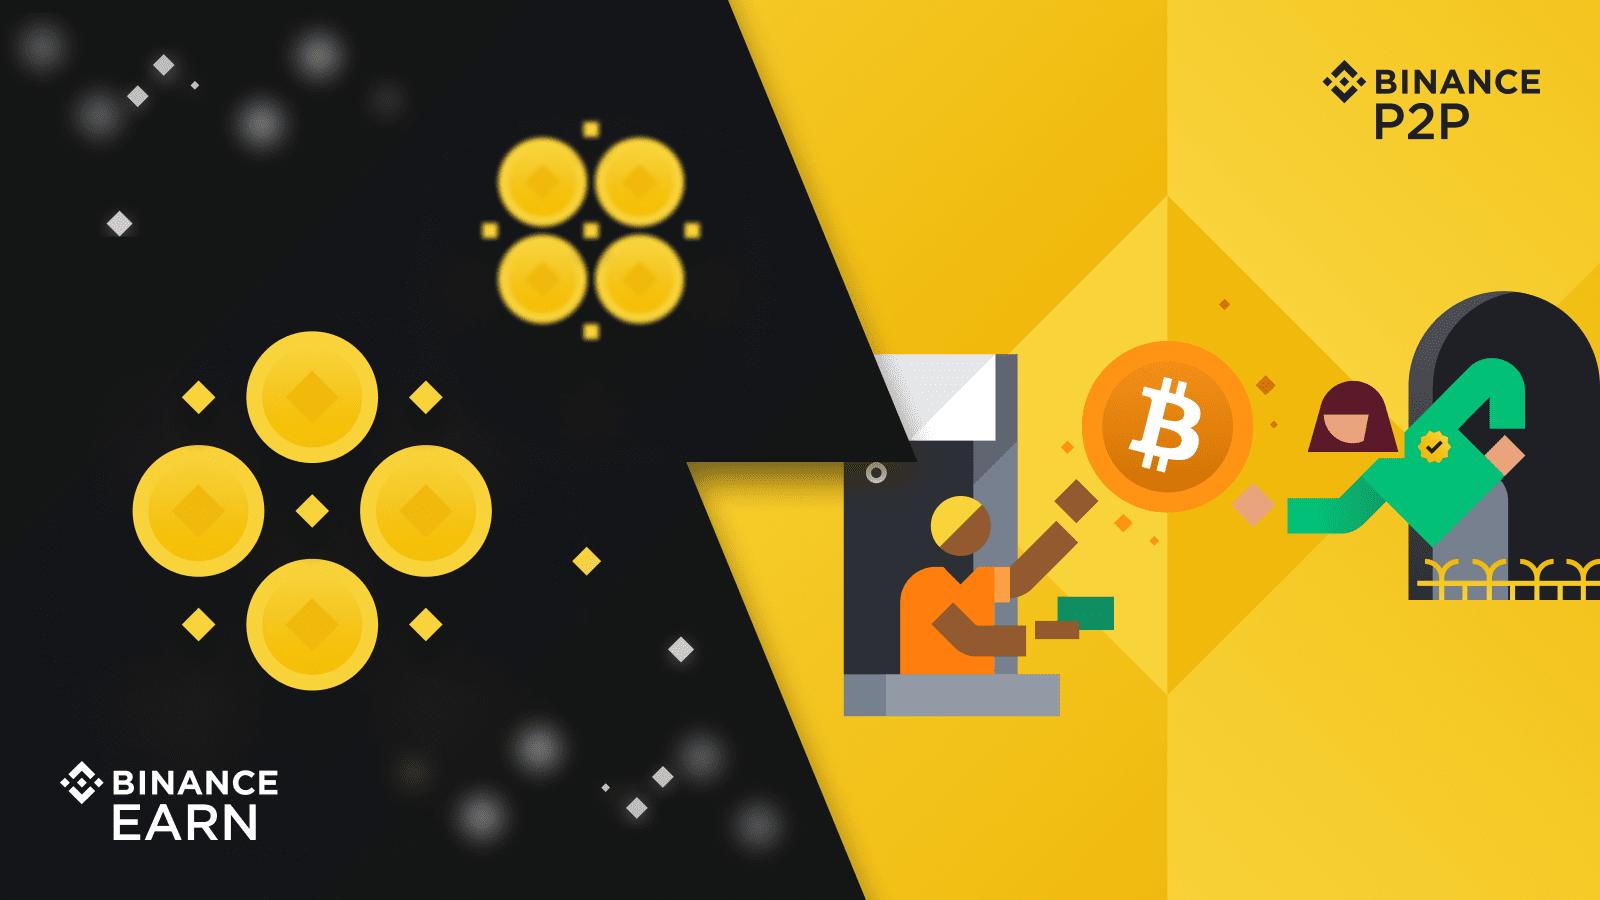 Come guadagnare Bitcoin gratis con Binance